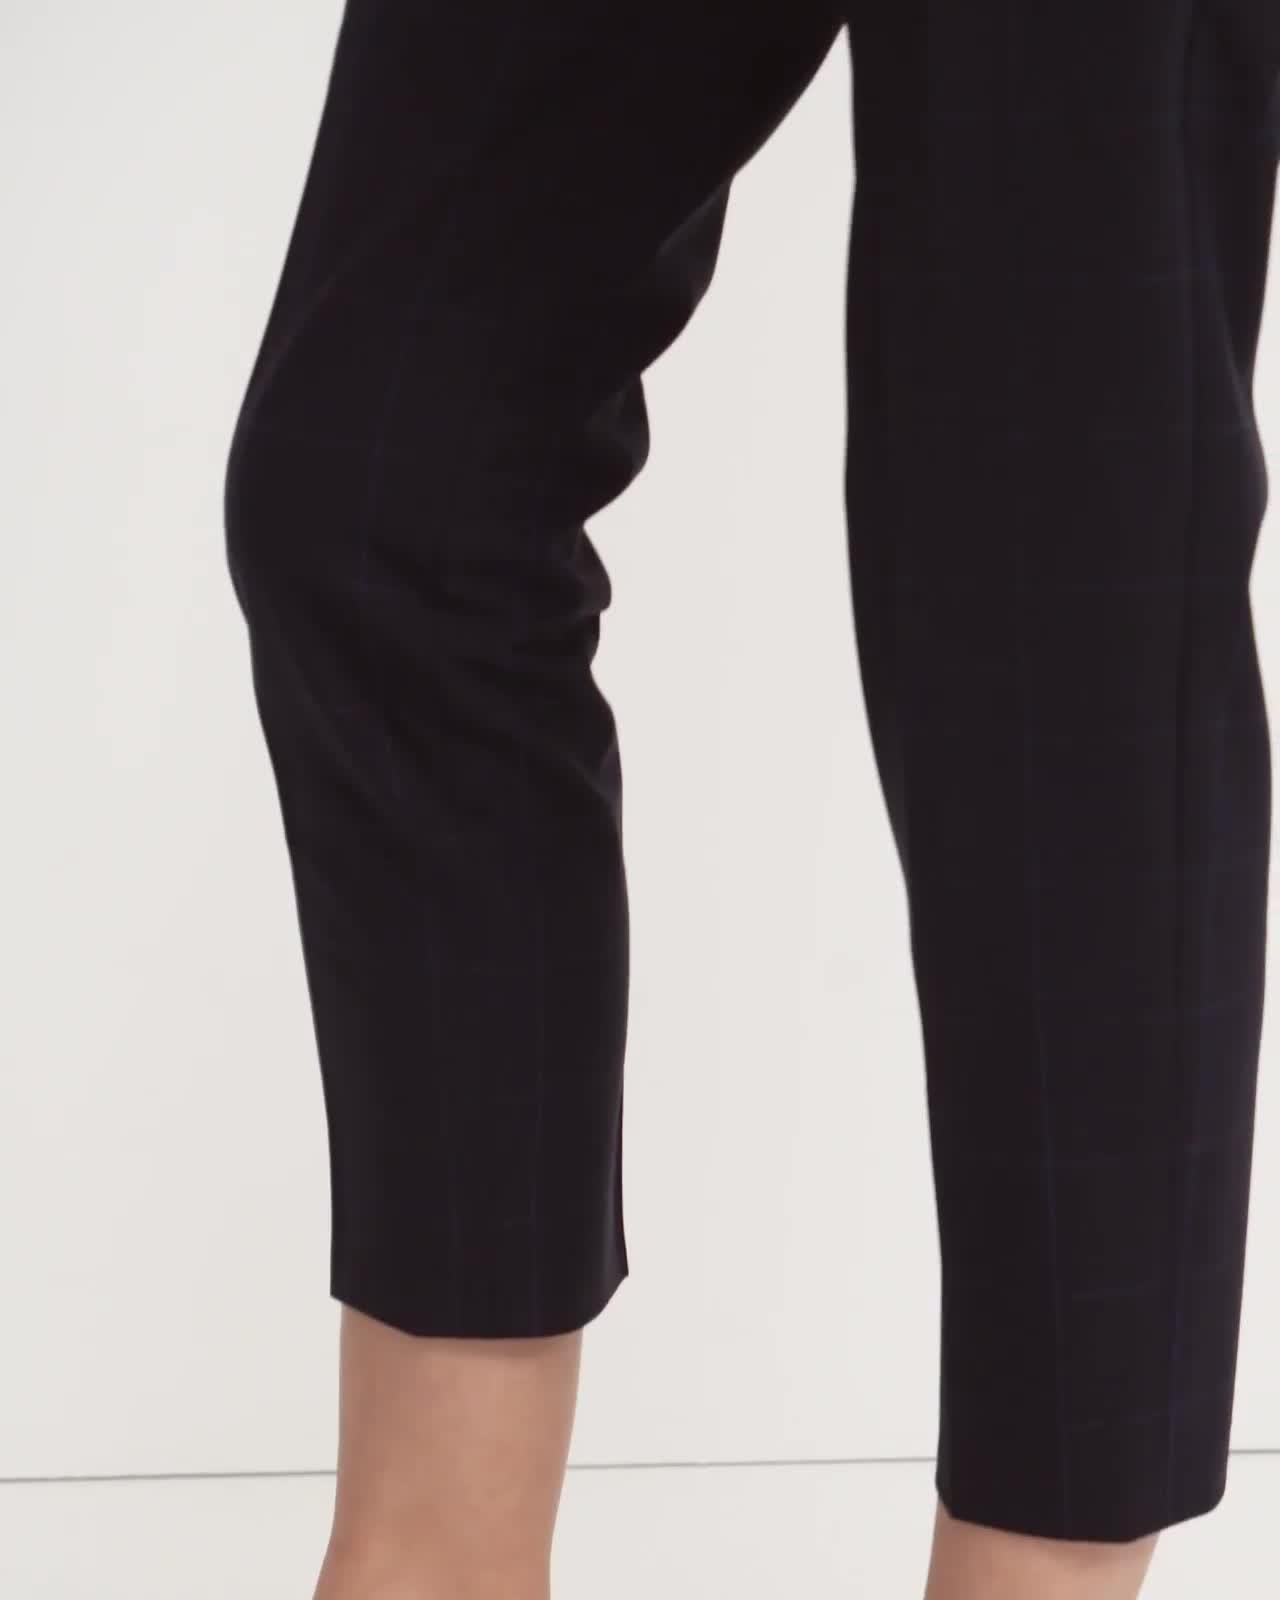 Treeca Pant in Grid Good Wool